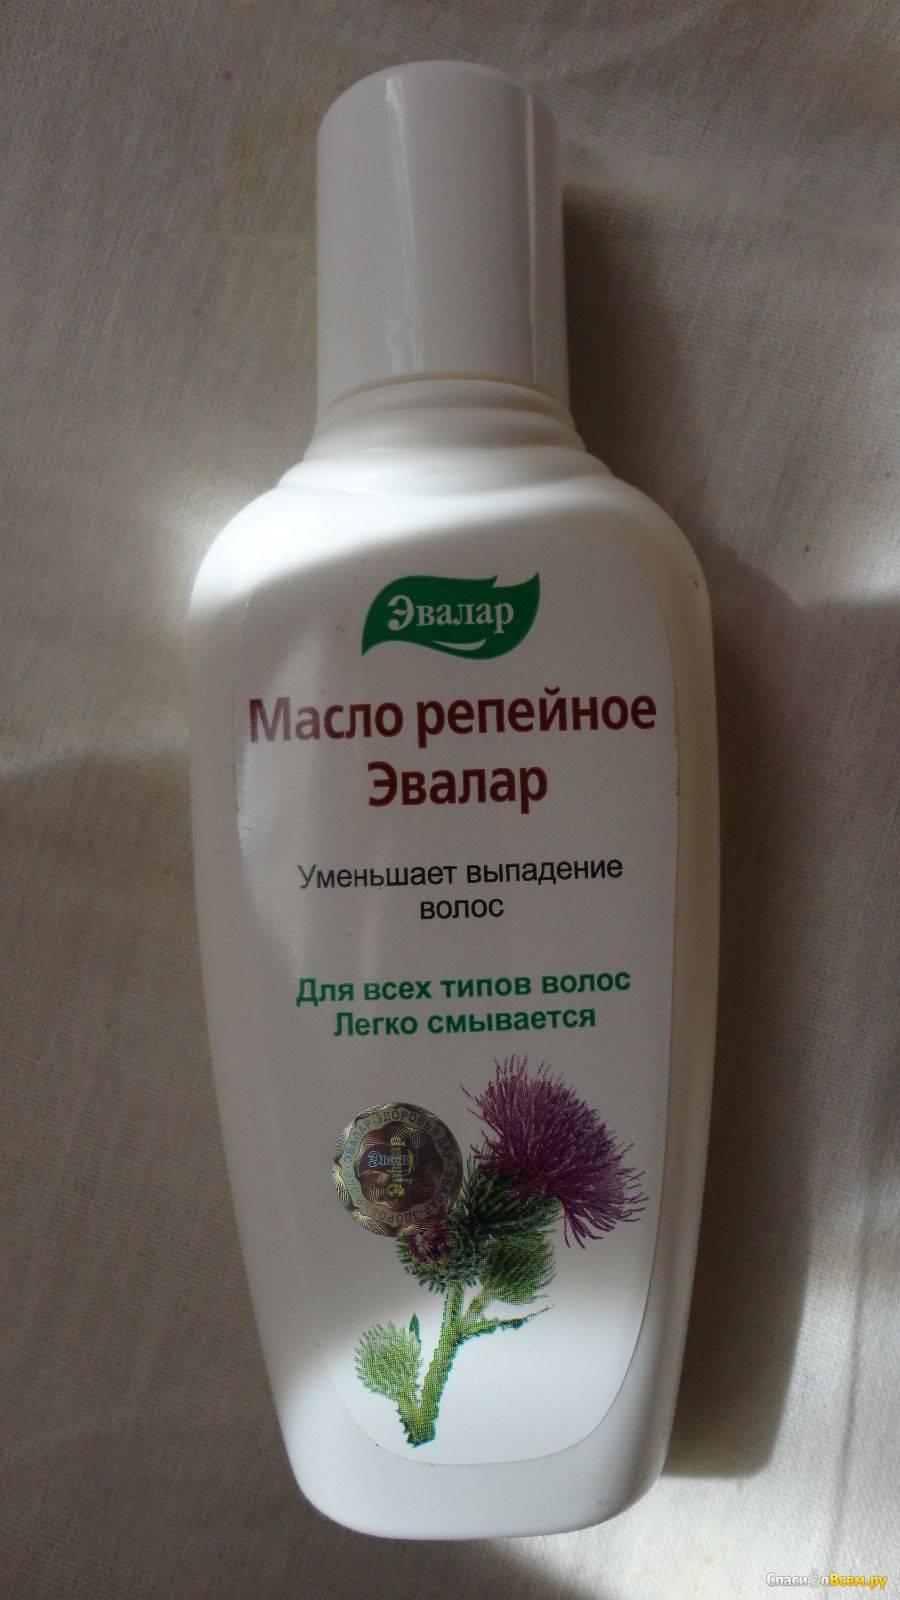 Репейное масло для волос - 18 лучших рецептов